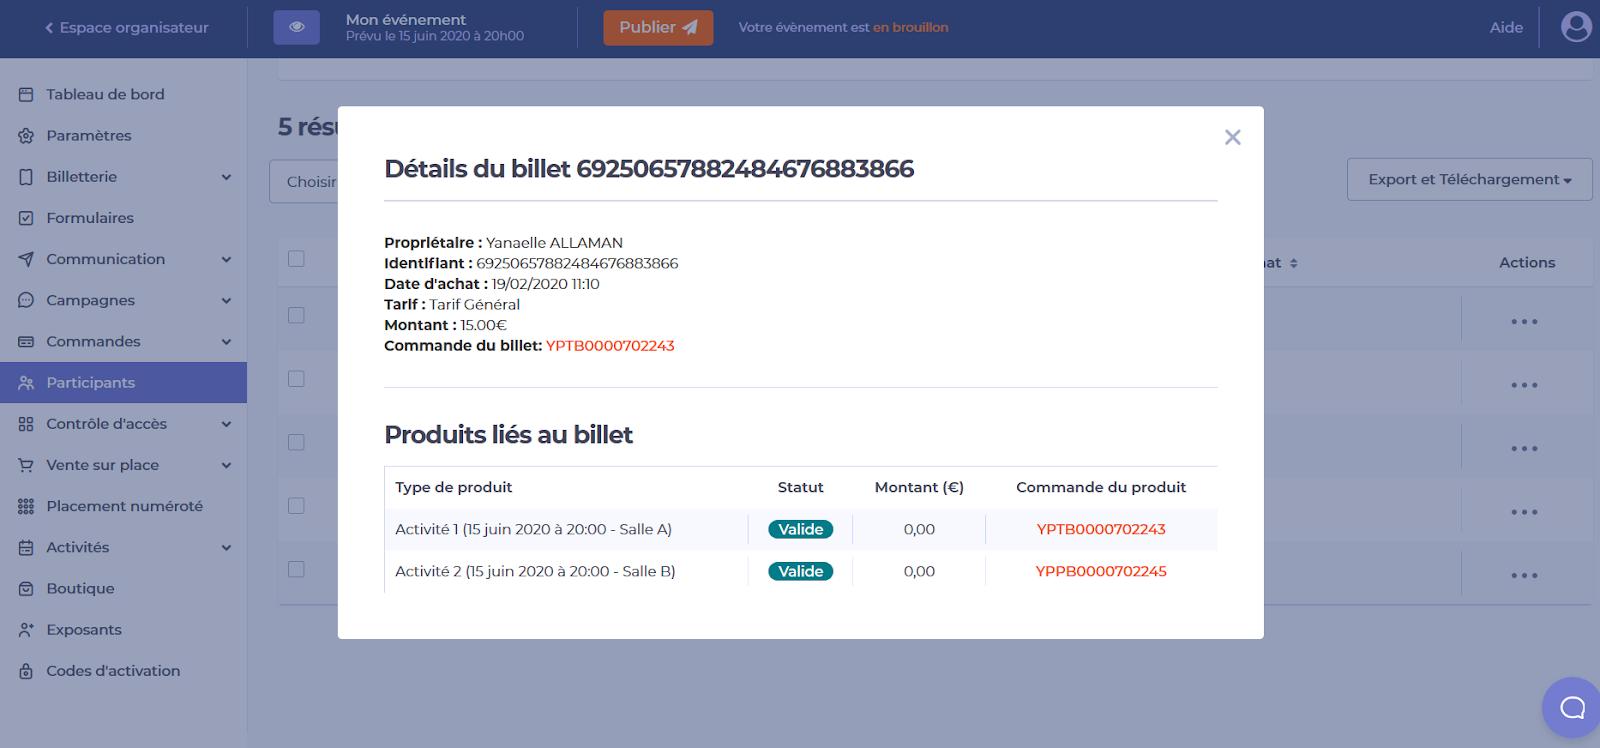 Photo représentant une liste de commandes liée à un participant dans le cadre de la gestion de commandes sur Yurplan